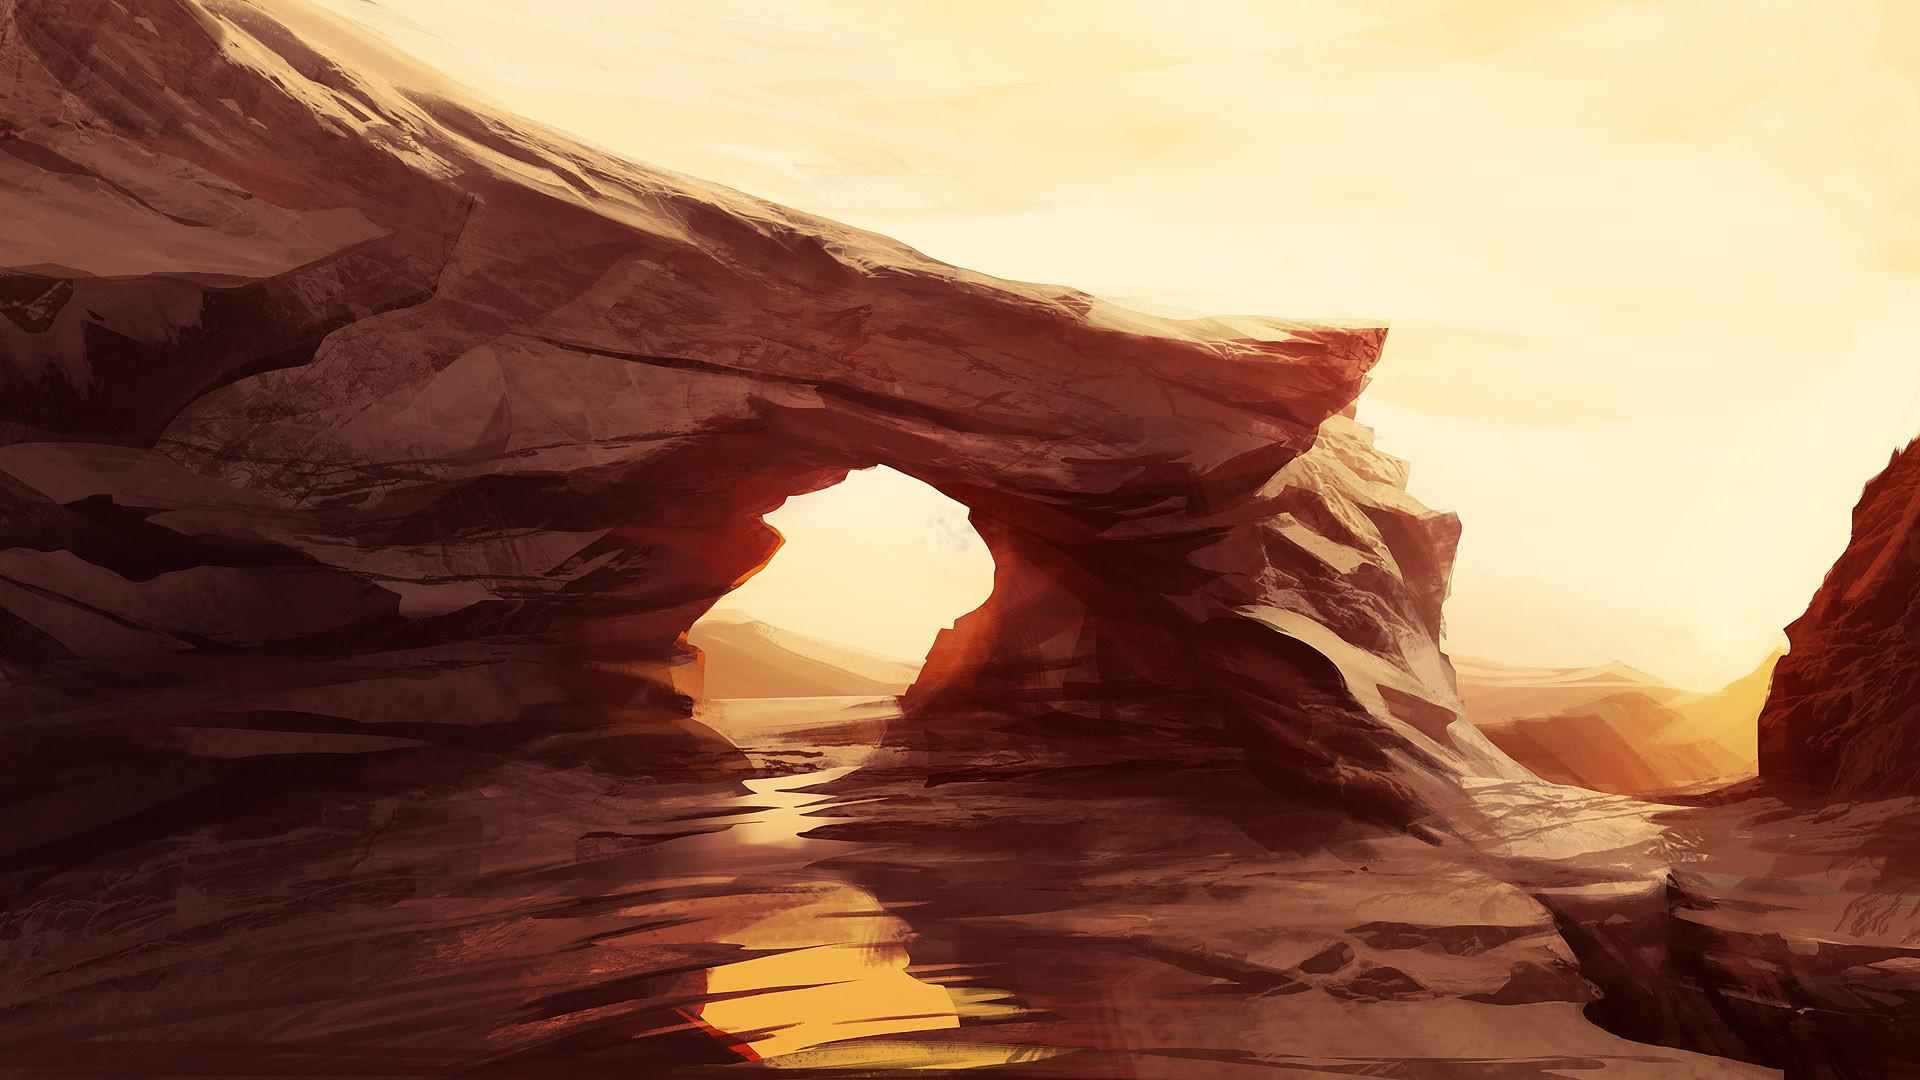 Arizona Desert Scenes Wallpaper – WallpaperSafari